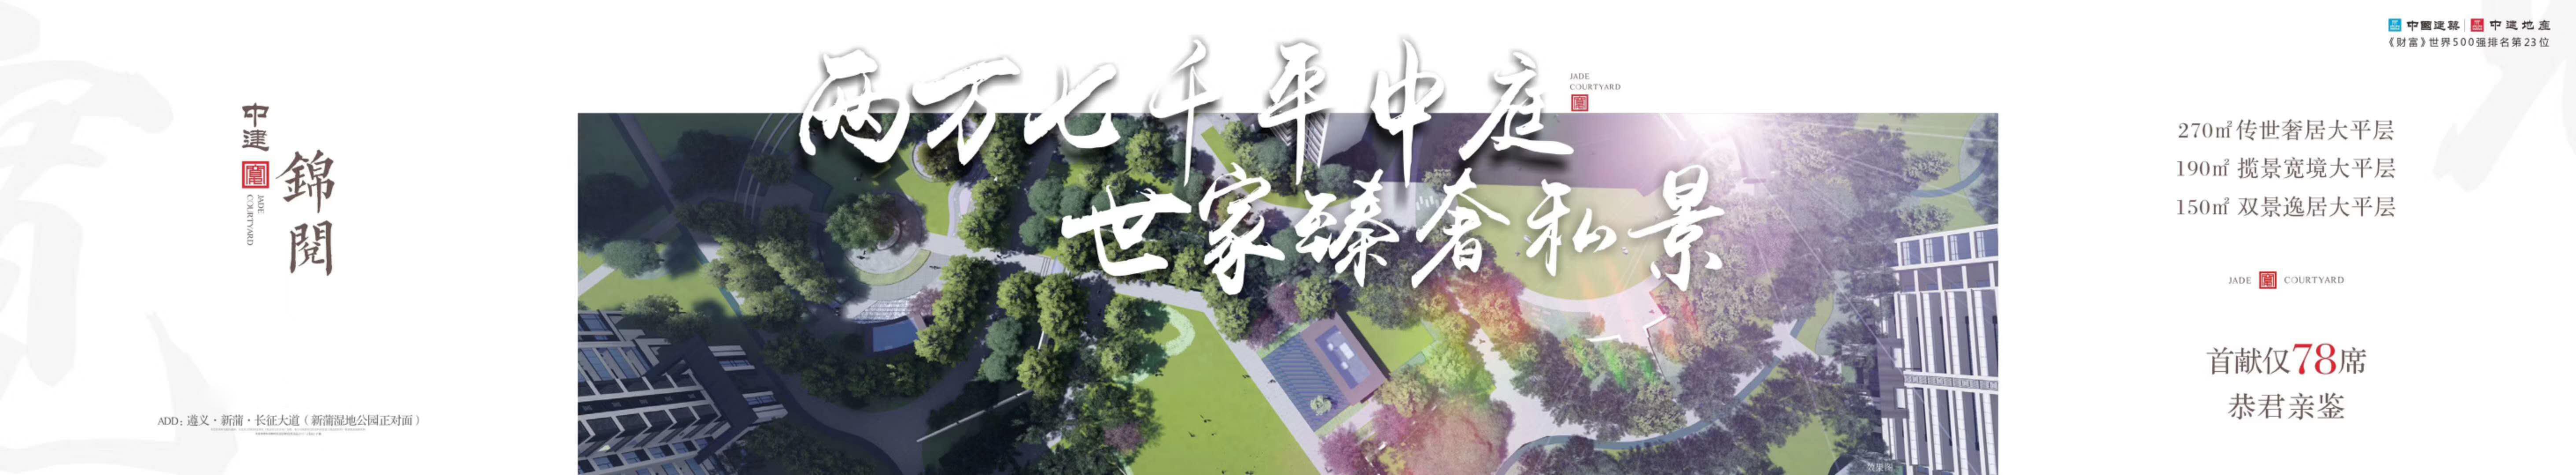 中建·锦阅:尊享宋风雅韵 独揽私家阔境园林-中国网地产